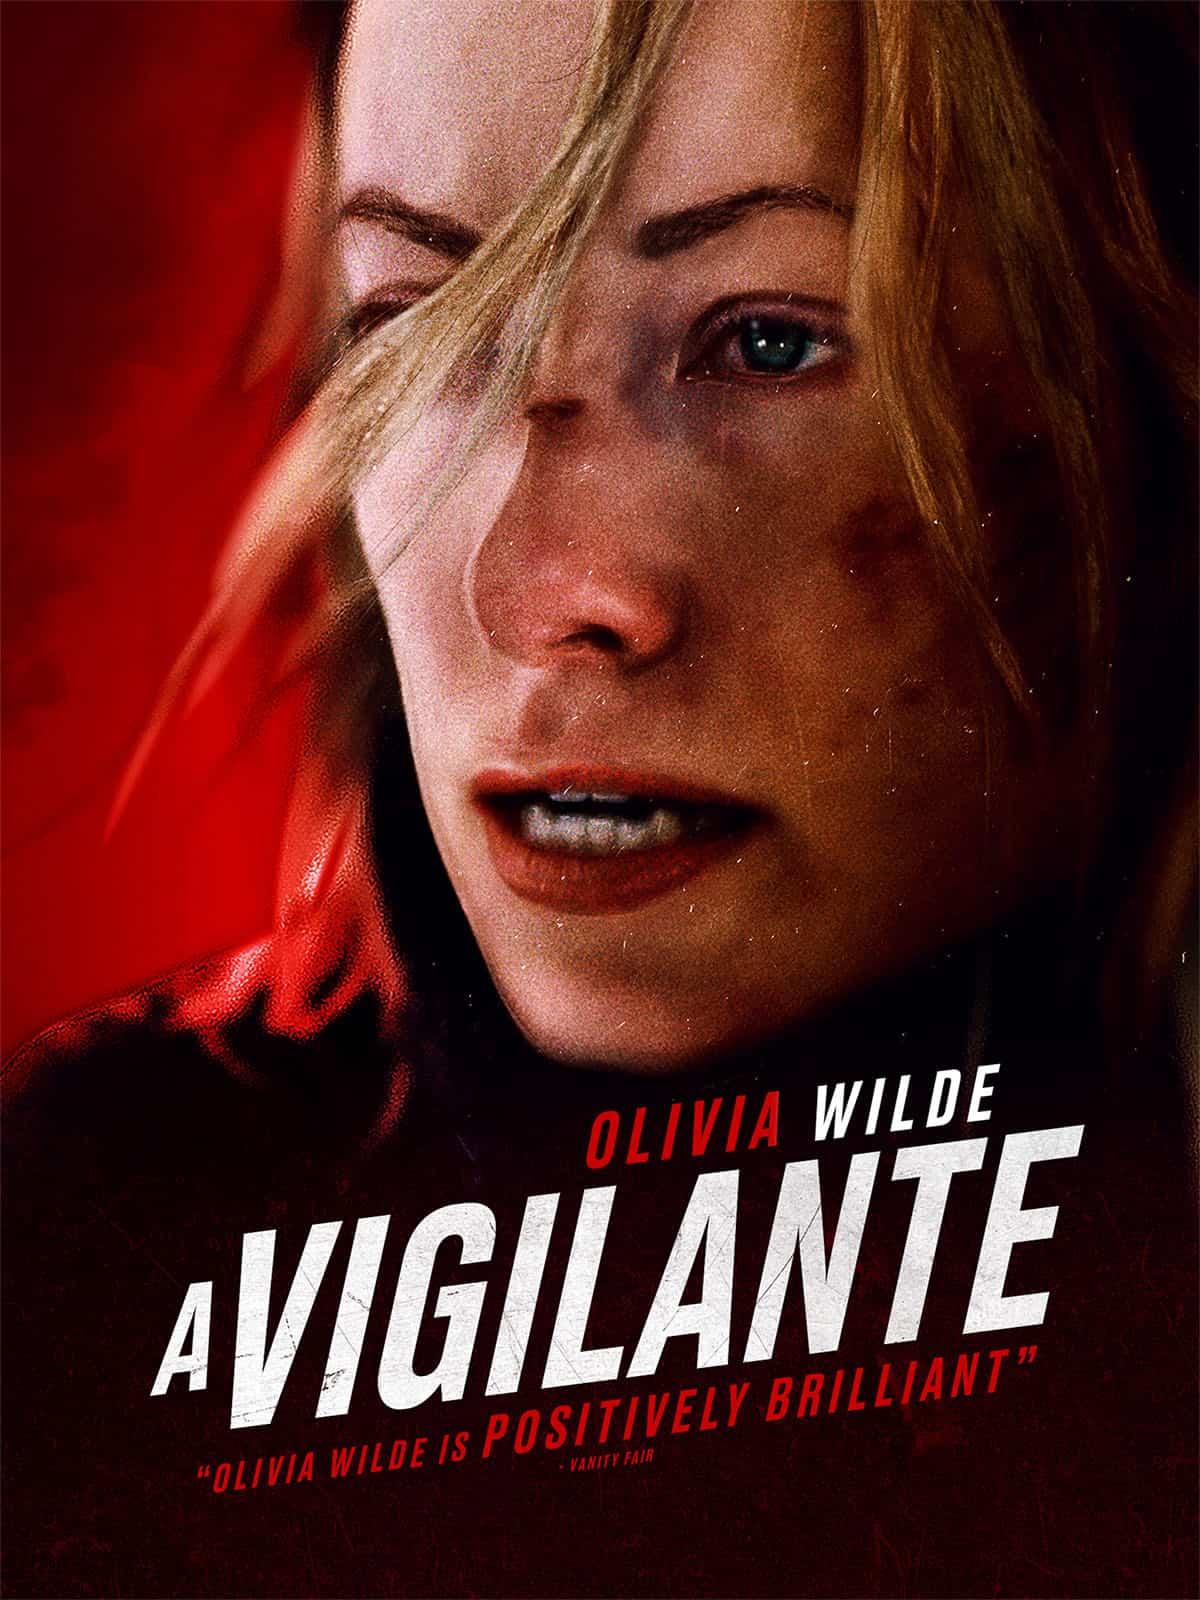 ვიჯილატე / A Vigilante